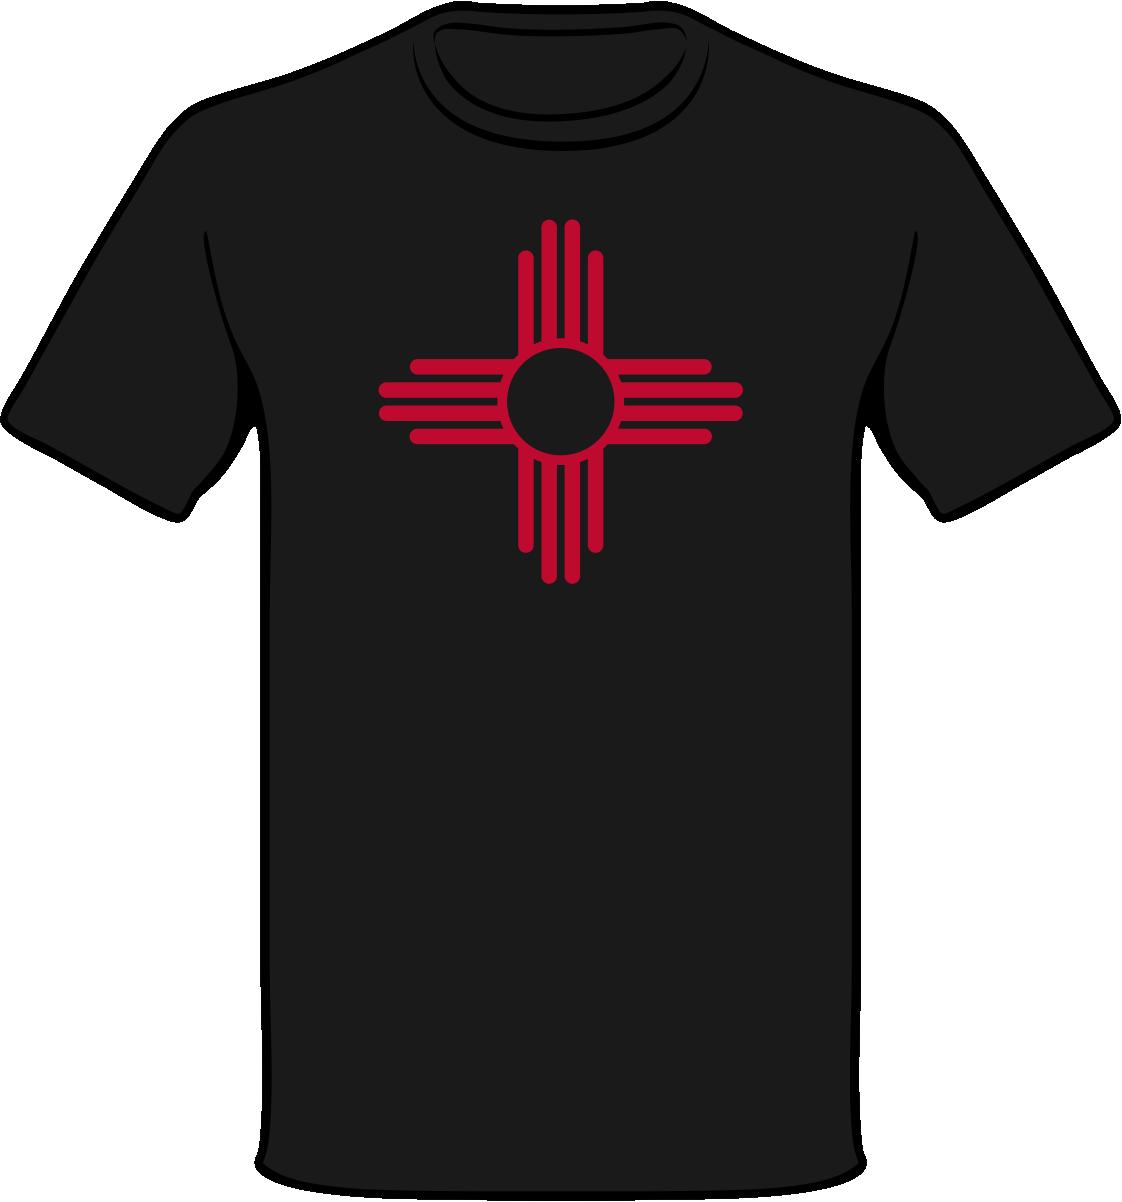 2f832cc54 NM Zia Symbol Shirt | ZiaGifts.com